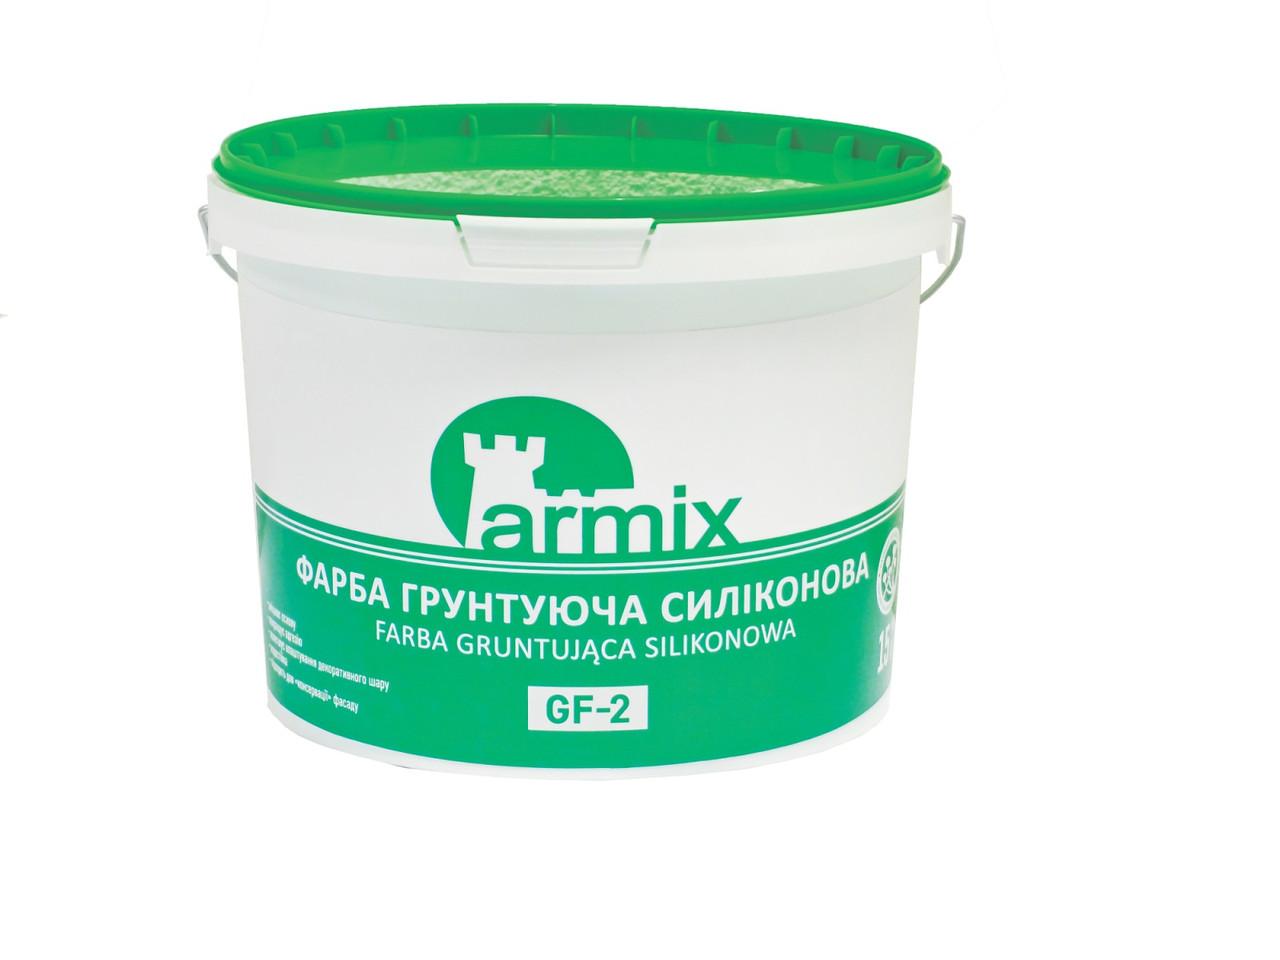 Фарба грунтуюча силіконова ARMIX GF-2,  Кварц-грунт силіконовий Армікс